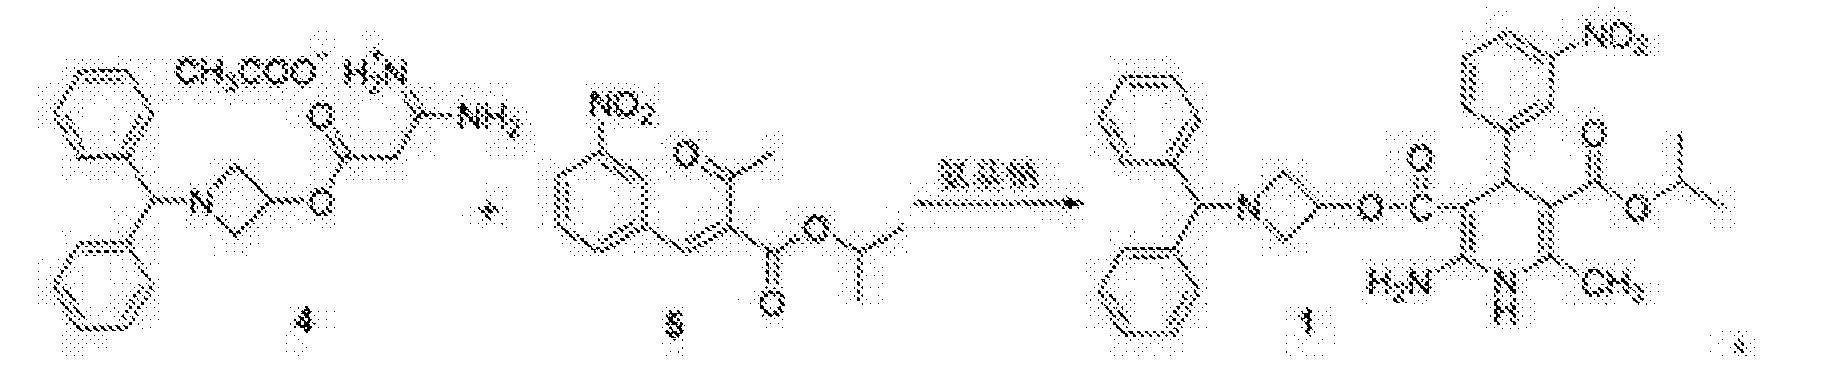 Figure CN103183663BC00022